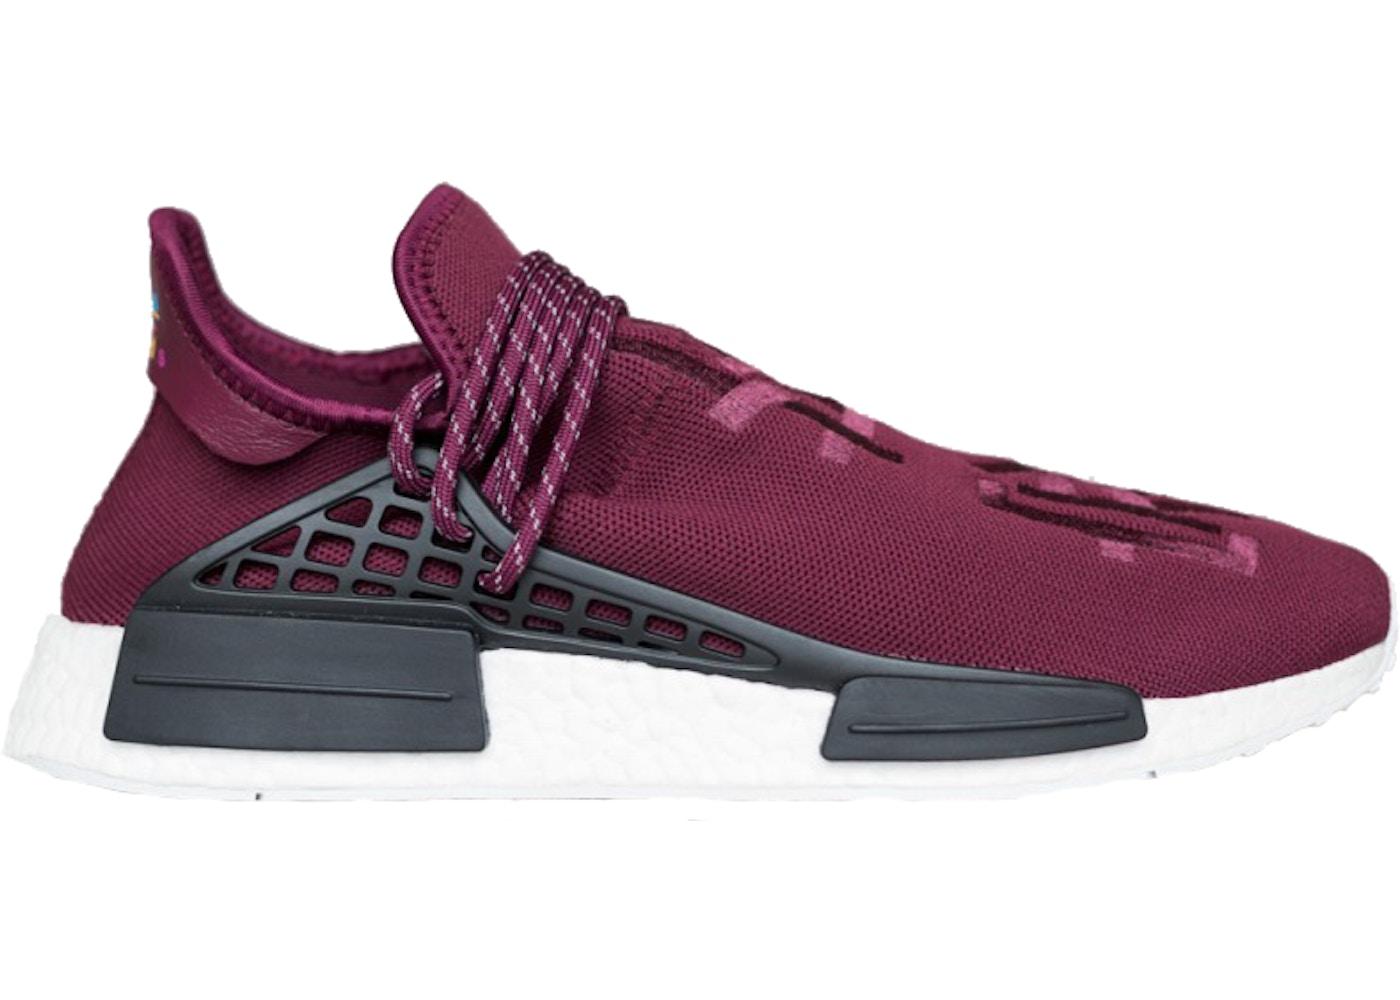 Nike KD maron